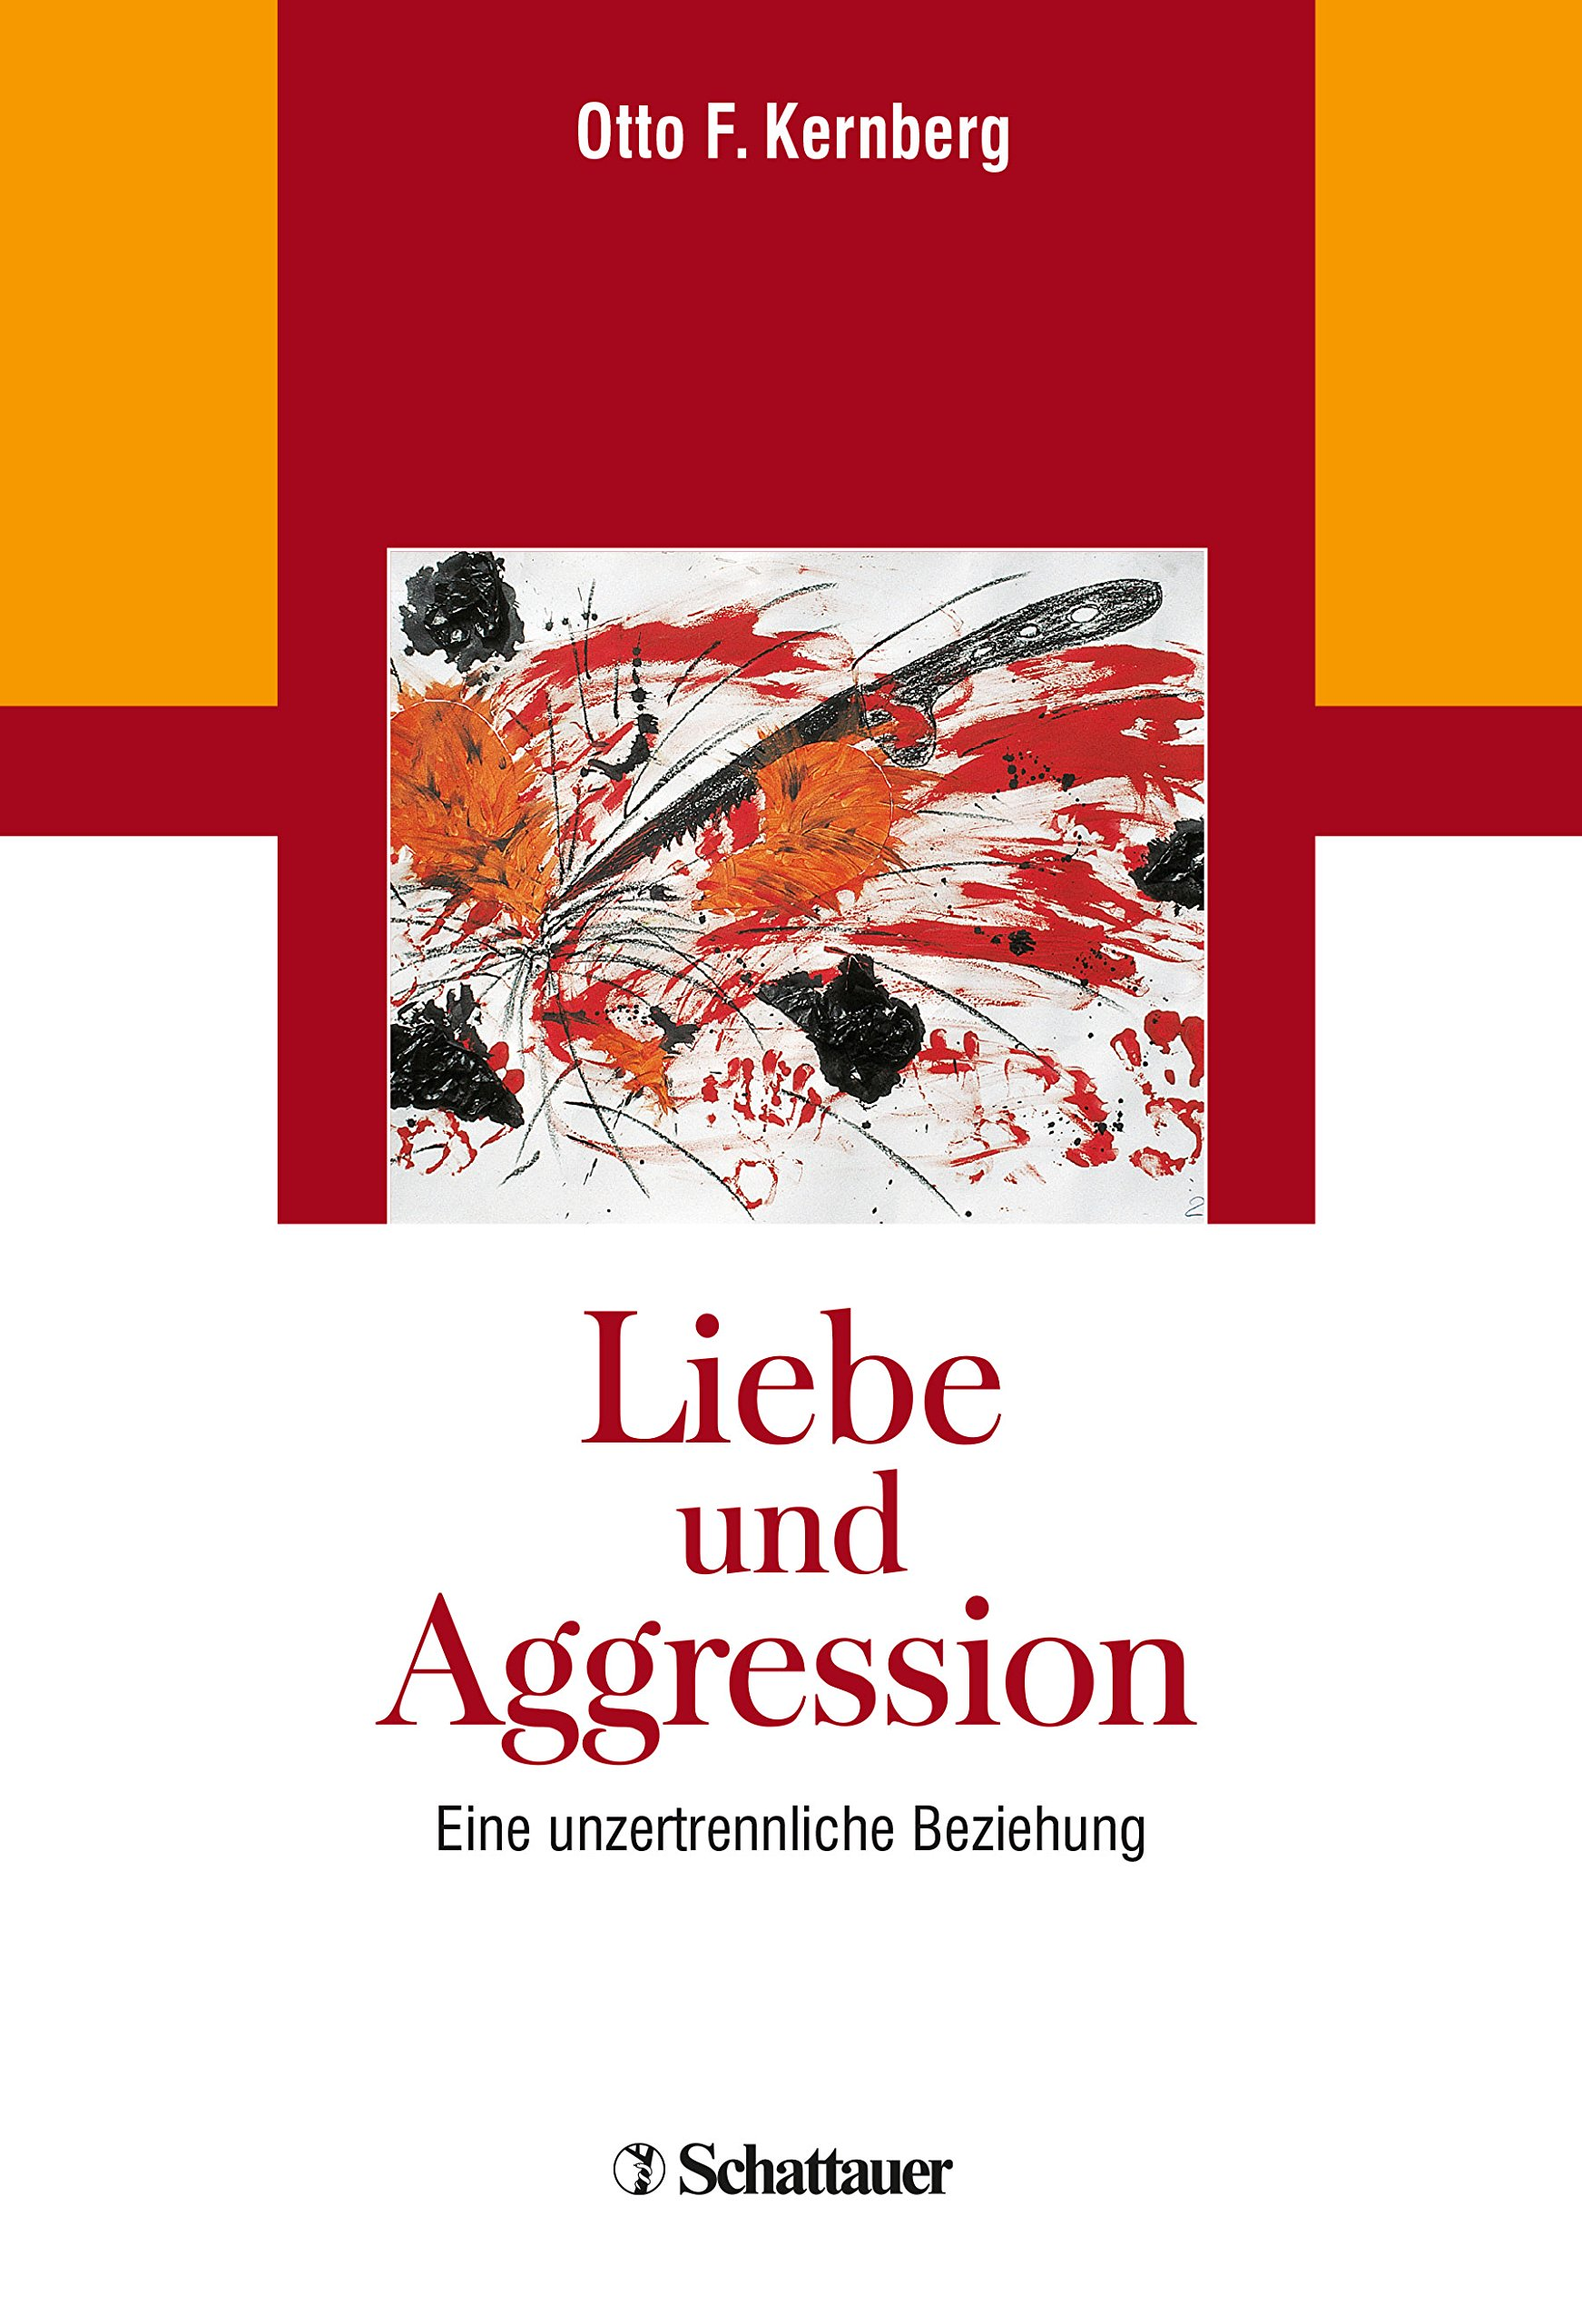 Liebe und Aggression: Eine unzertrennliche Beziehung